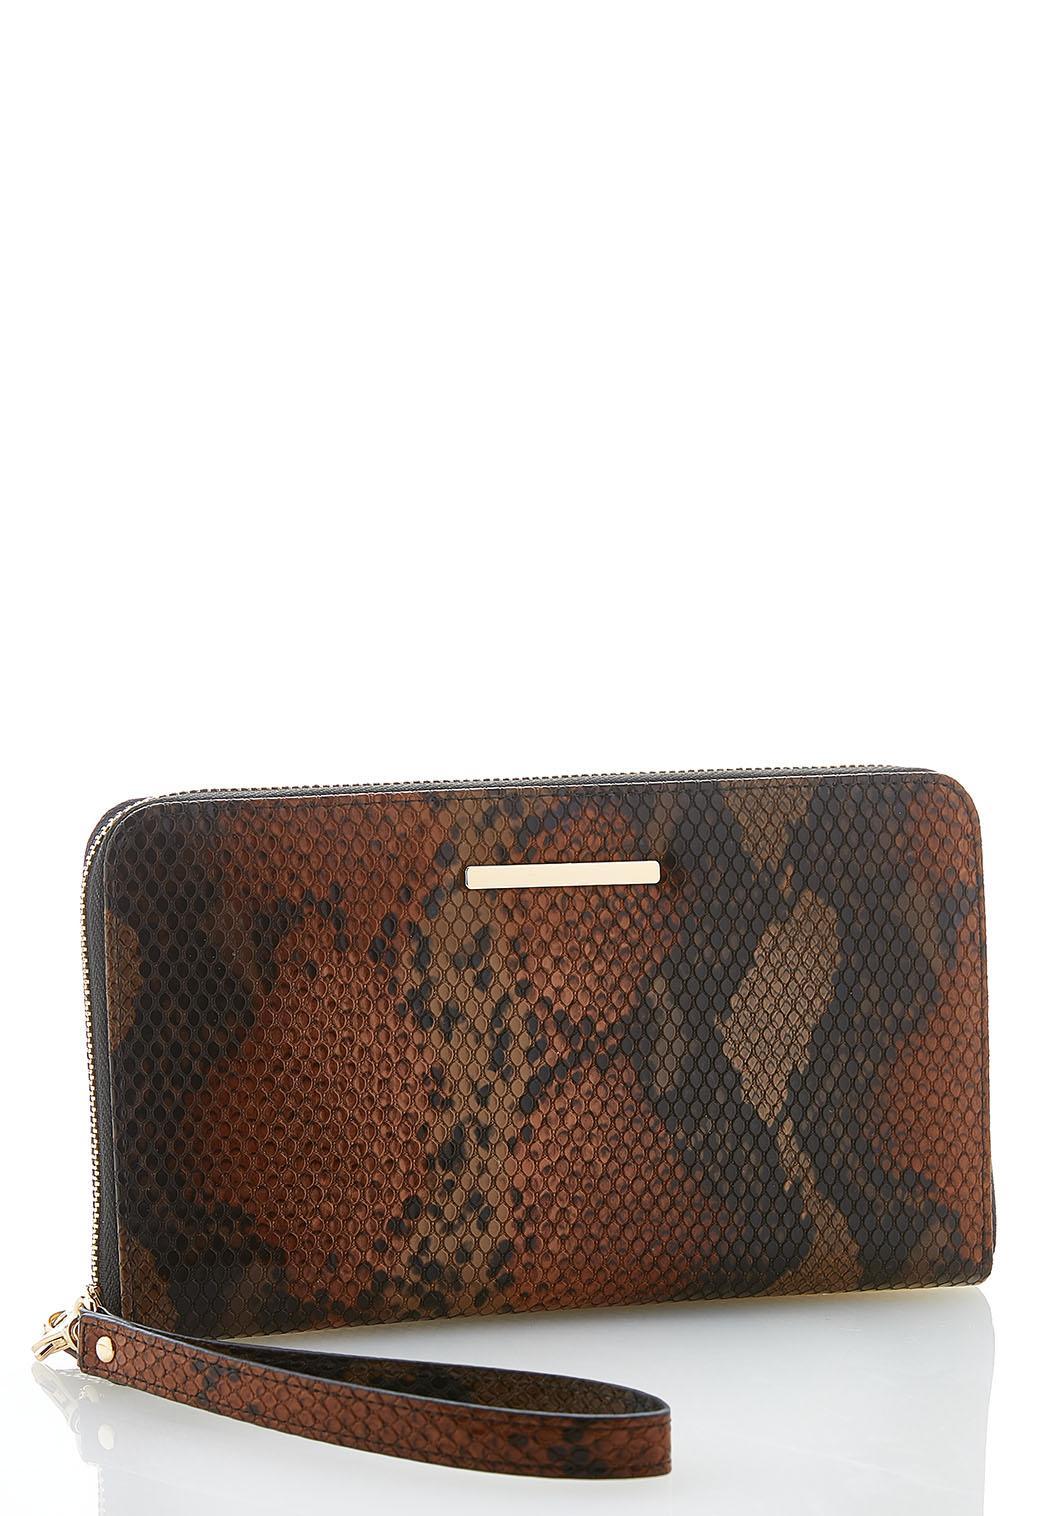 a93ecdd44 Women's Handbags